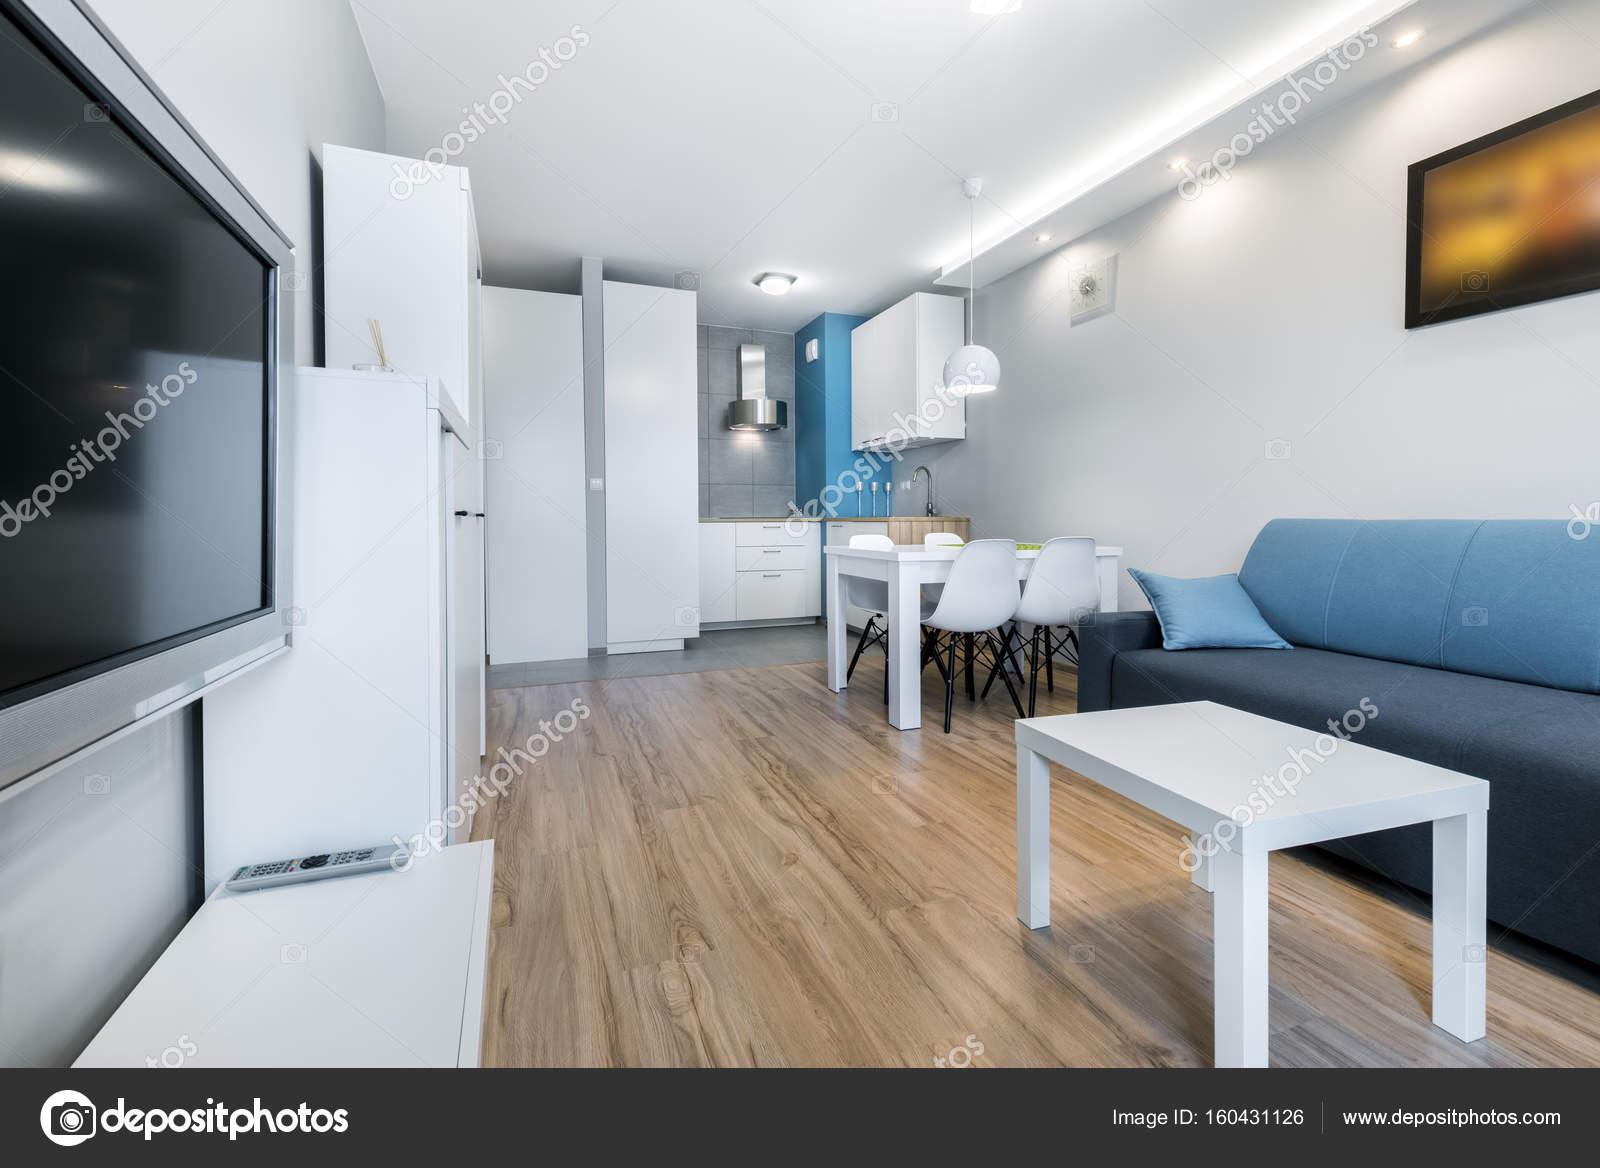 Moderne woonkamer met grijze wanden — Stockfoto © jacek_kadaj #160431126